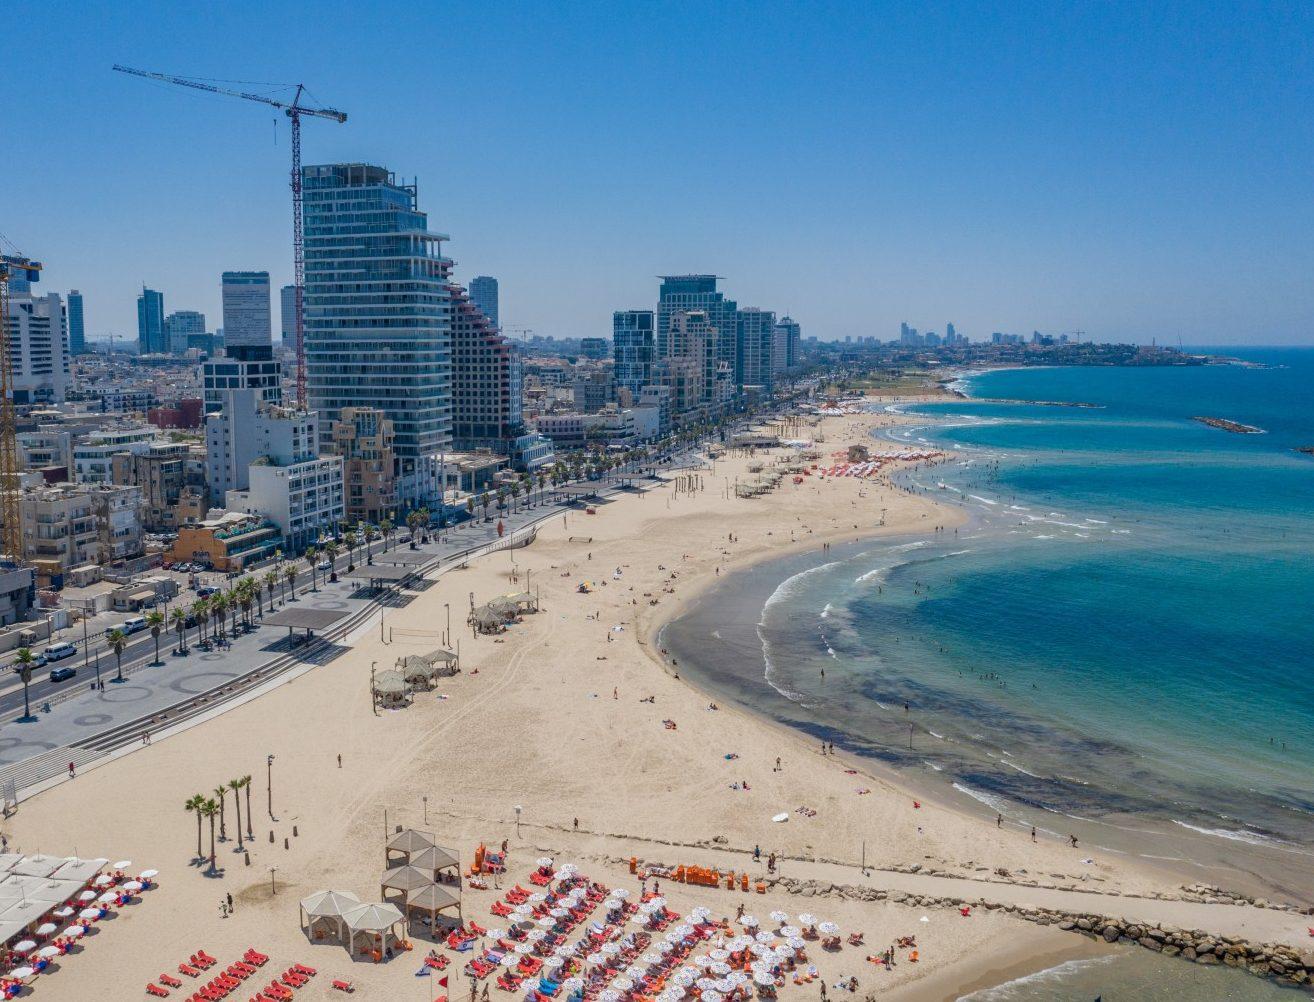 רצועת חוף הים של תל אביב-יפו